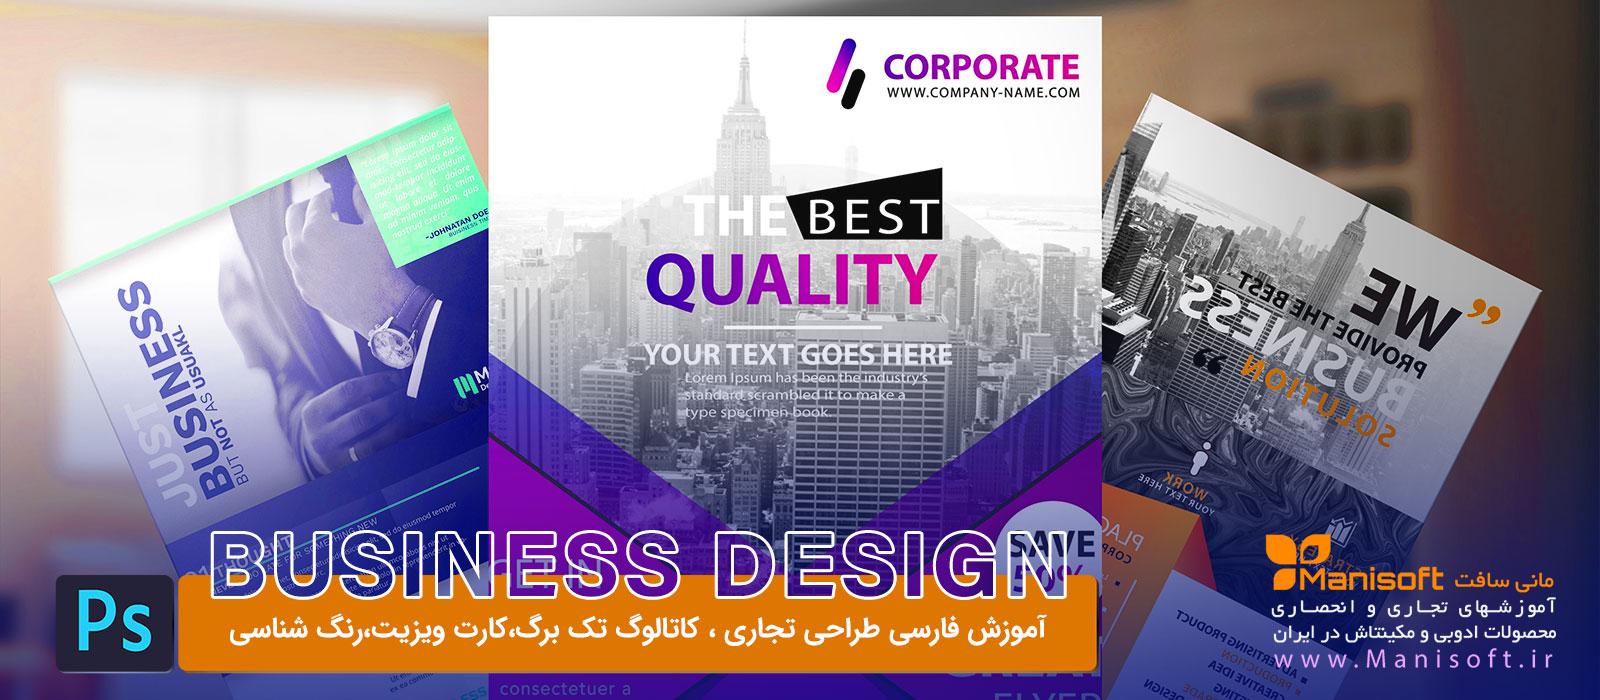 آموزش فارسی طراحی کاتالوگ و کارت ویزیت به سبک تجاری